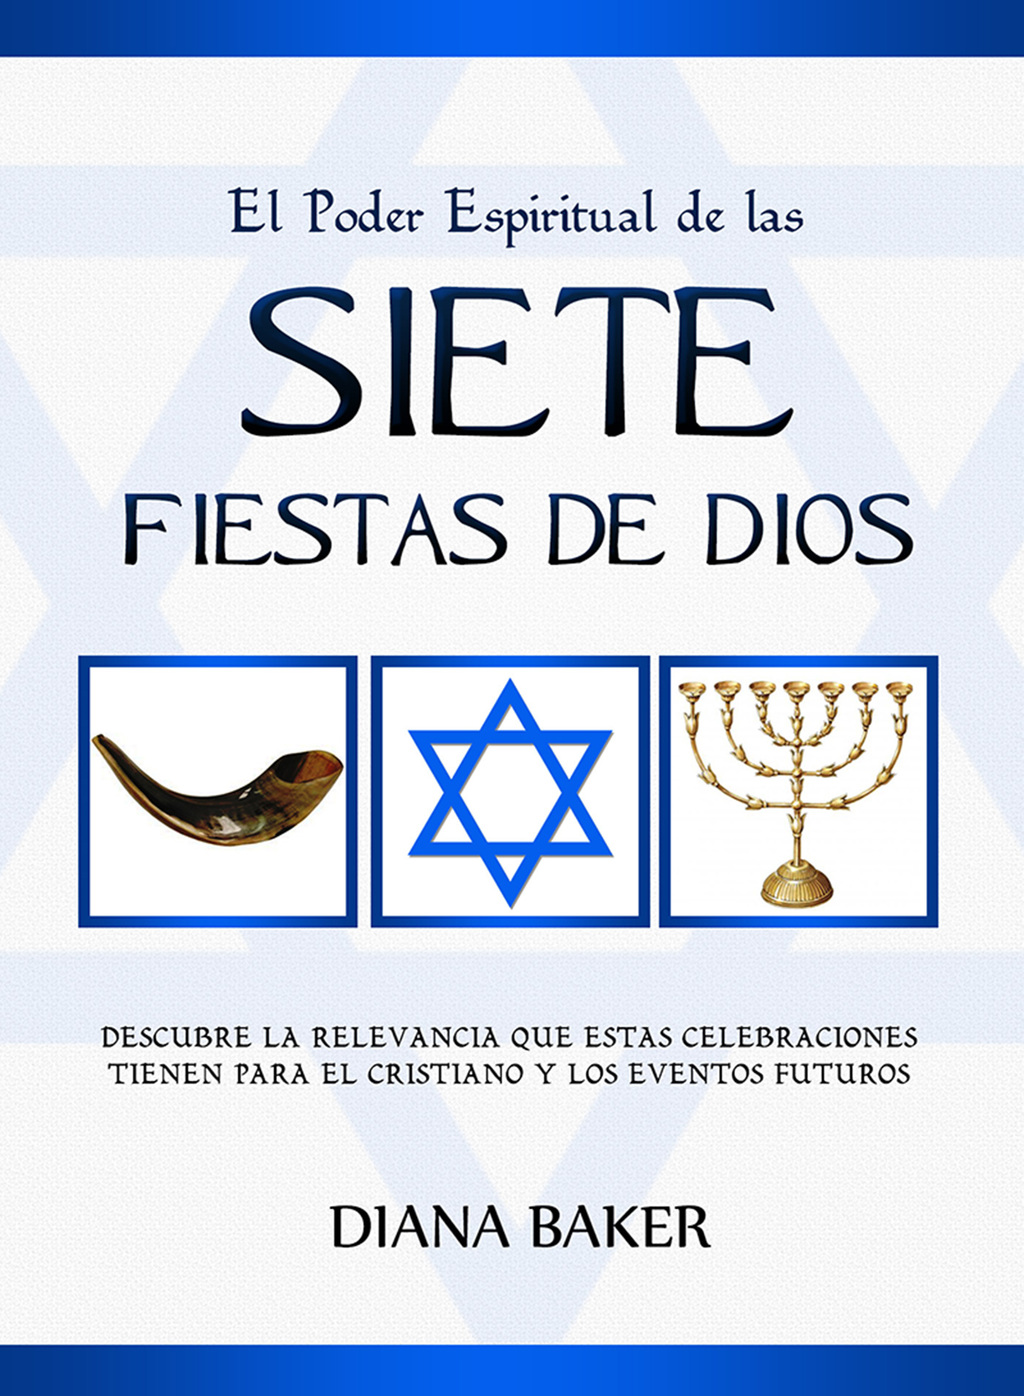 El Poder Espiritual De Las Siete Fiestas De Dios: Descubre La Relevancia Que Estas Celebraciones Tienen Para El Cristiano Y Los Eventos Futur (ebook)